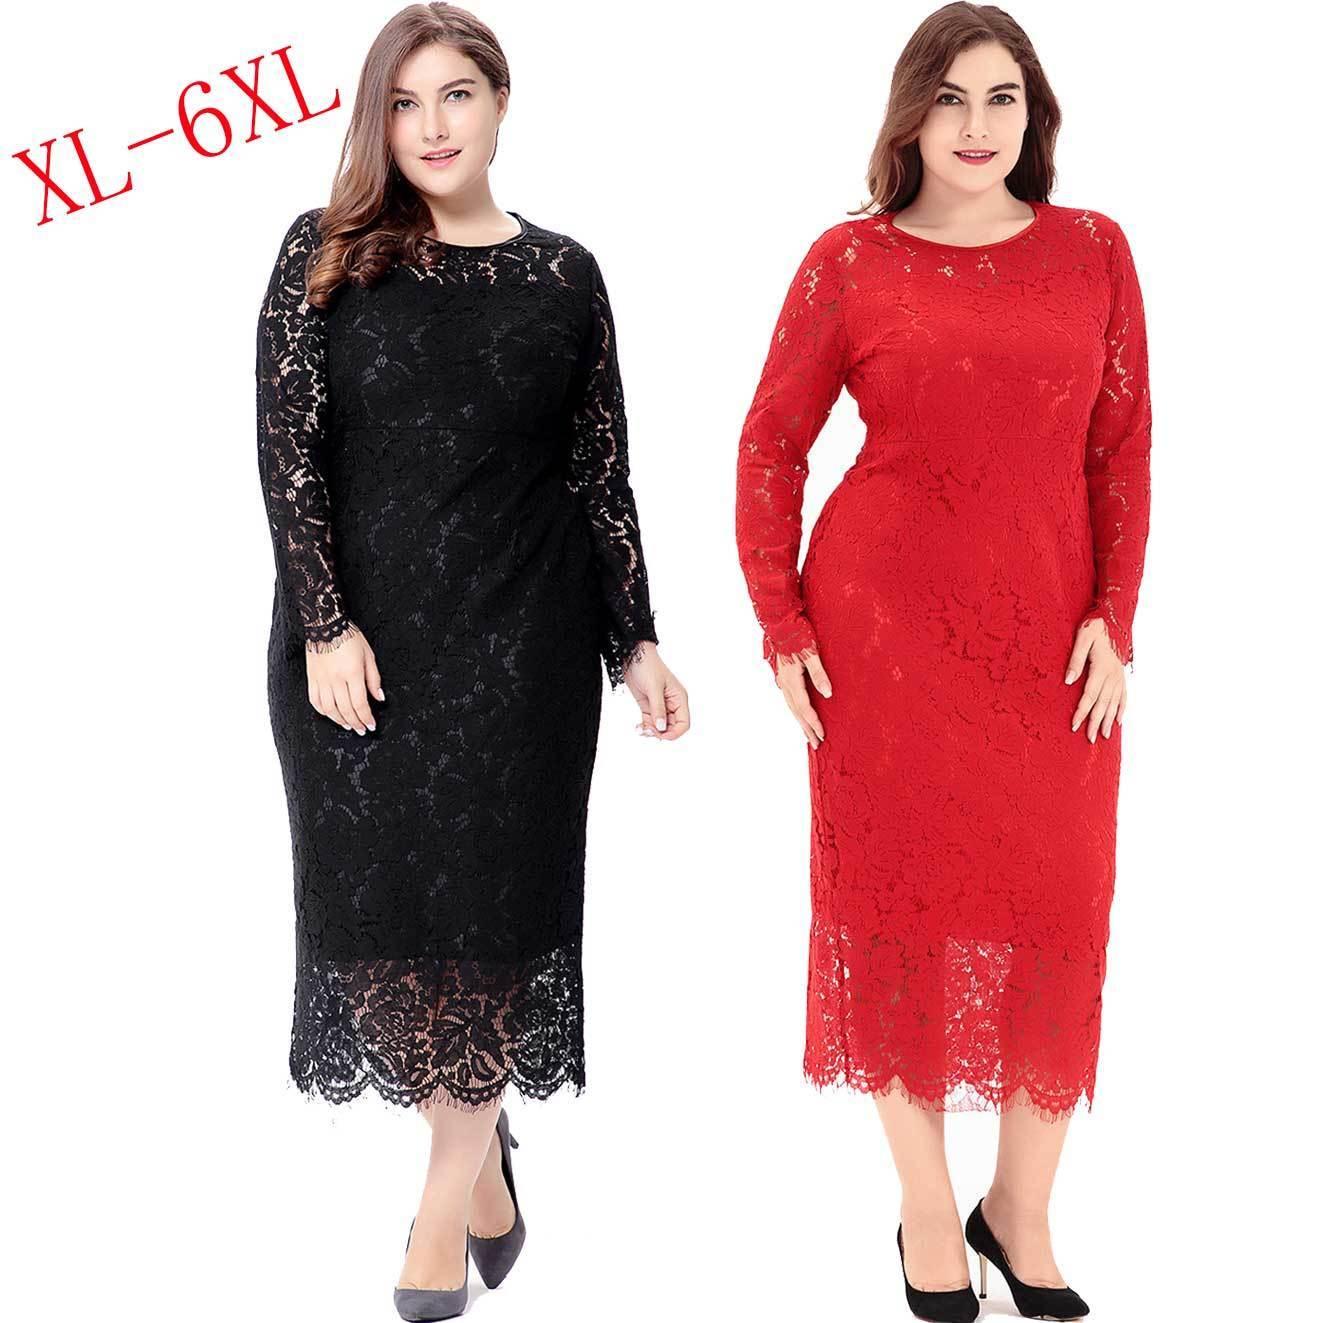 Details about Fashion XL-6XL Plus Size Dress Elegant Lace Long Winter Dress  Party Maxi Dresses